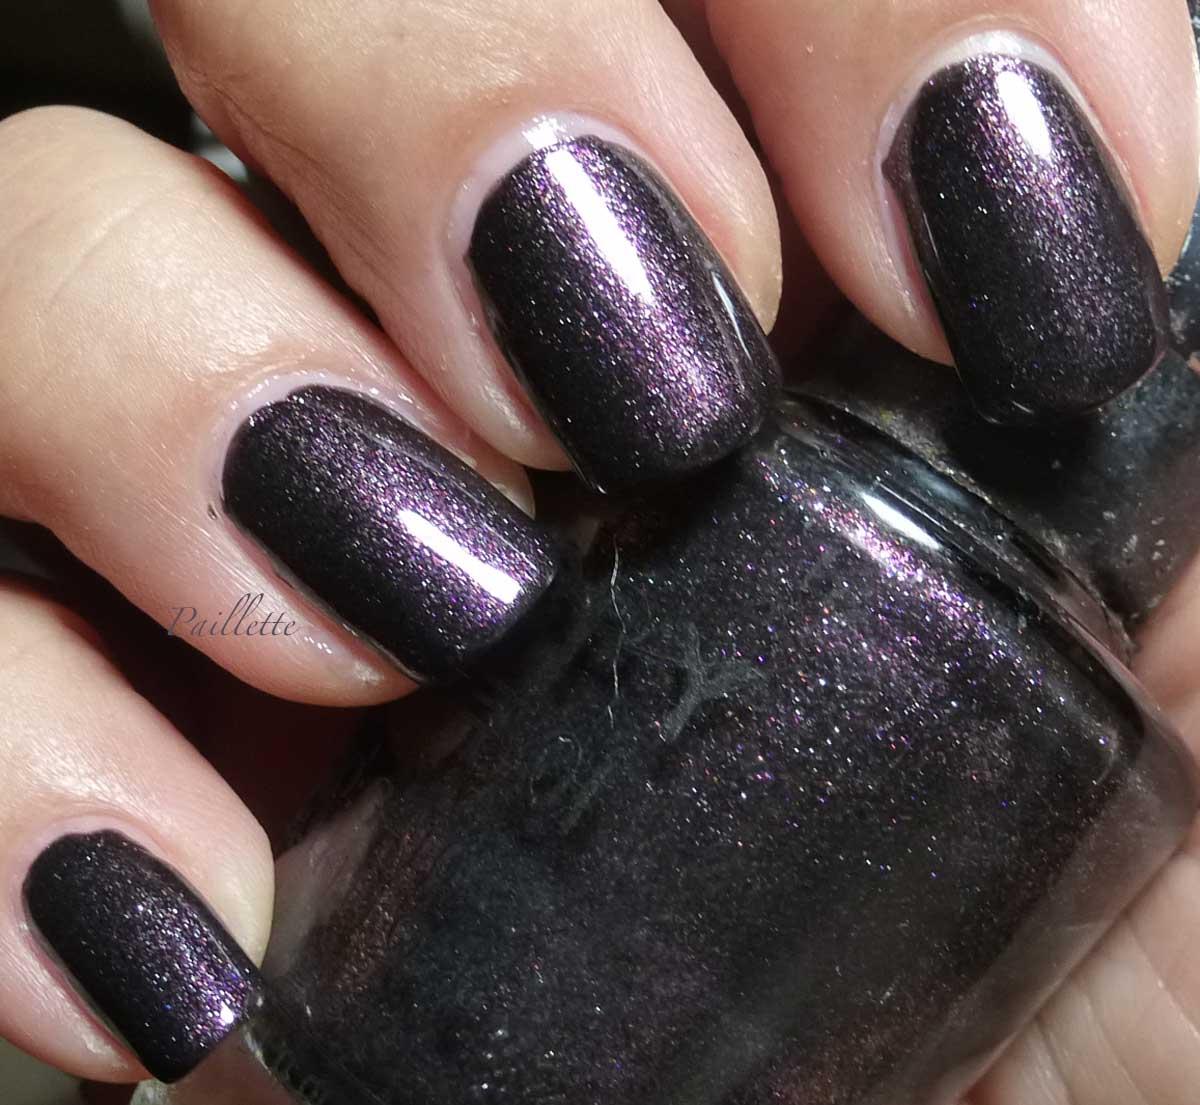 Paillette: a little nail polish journal: Autumnal Plums